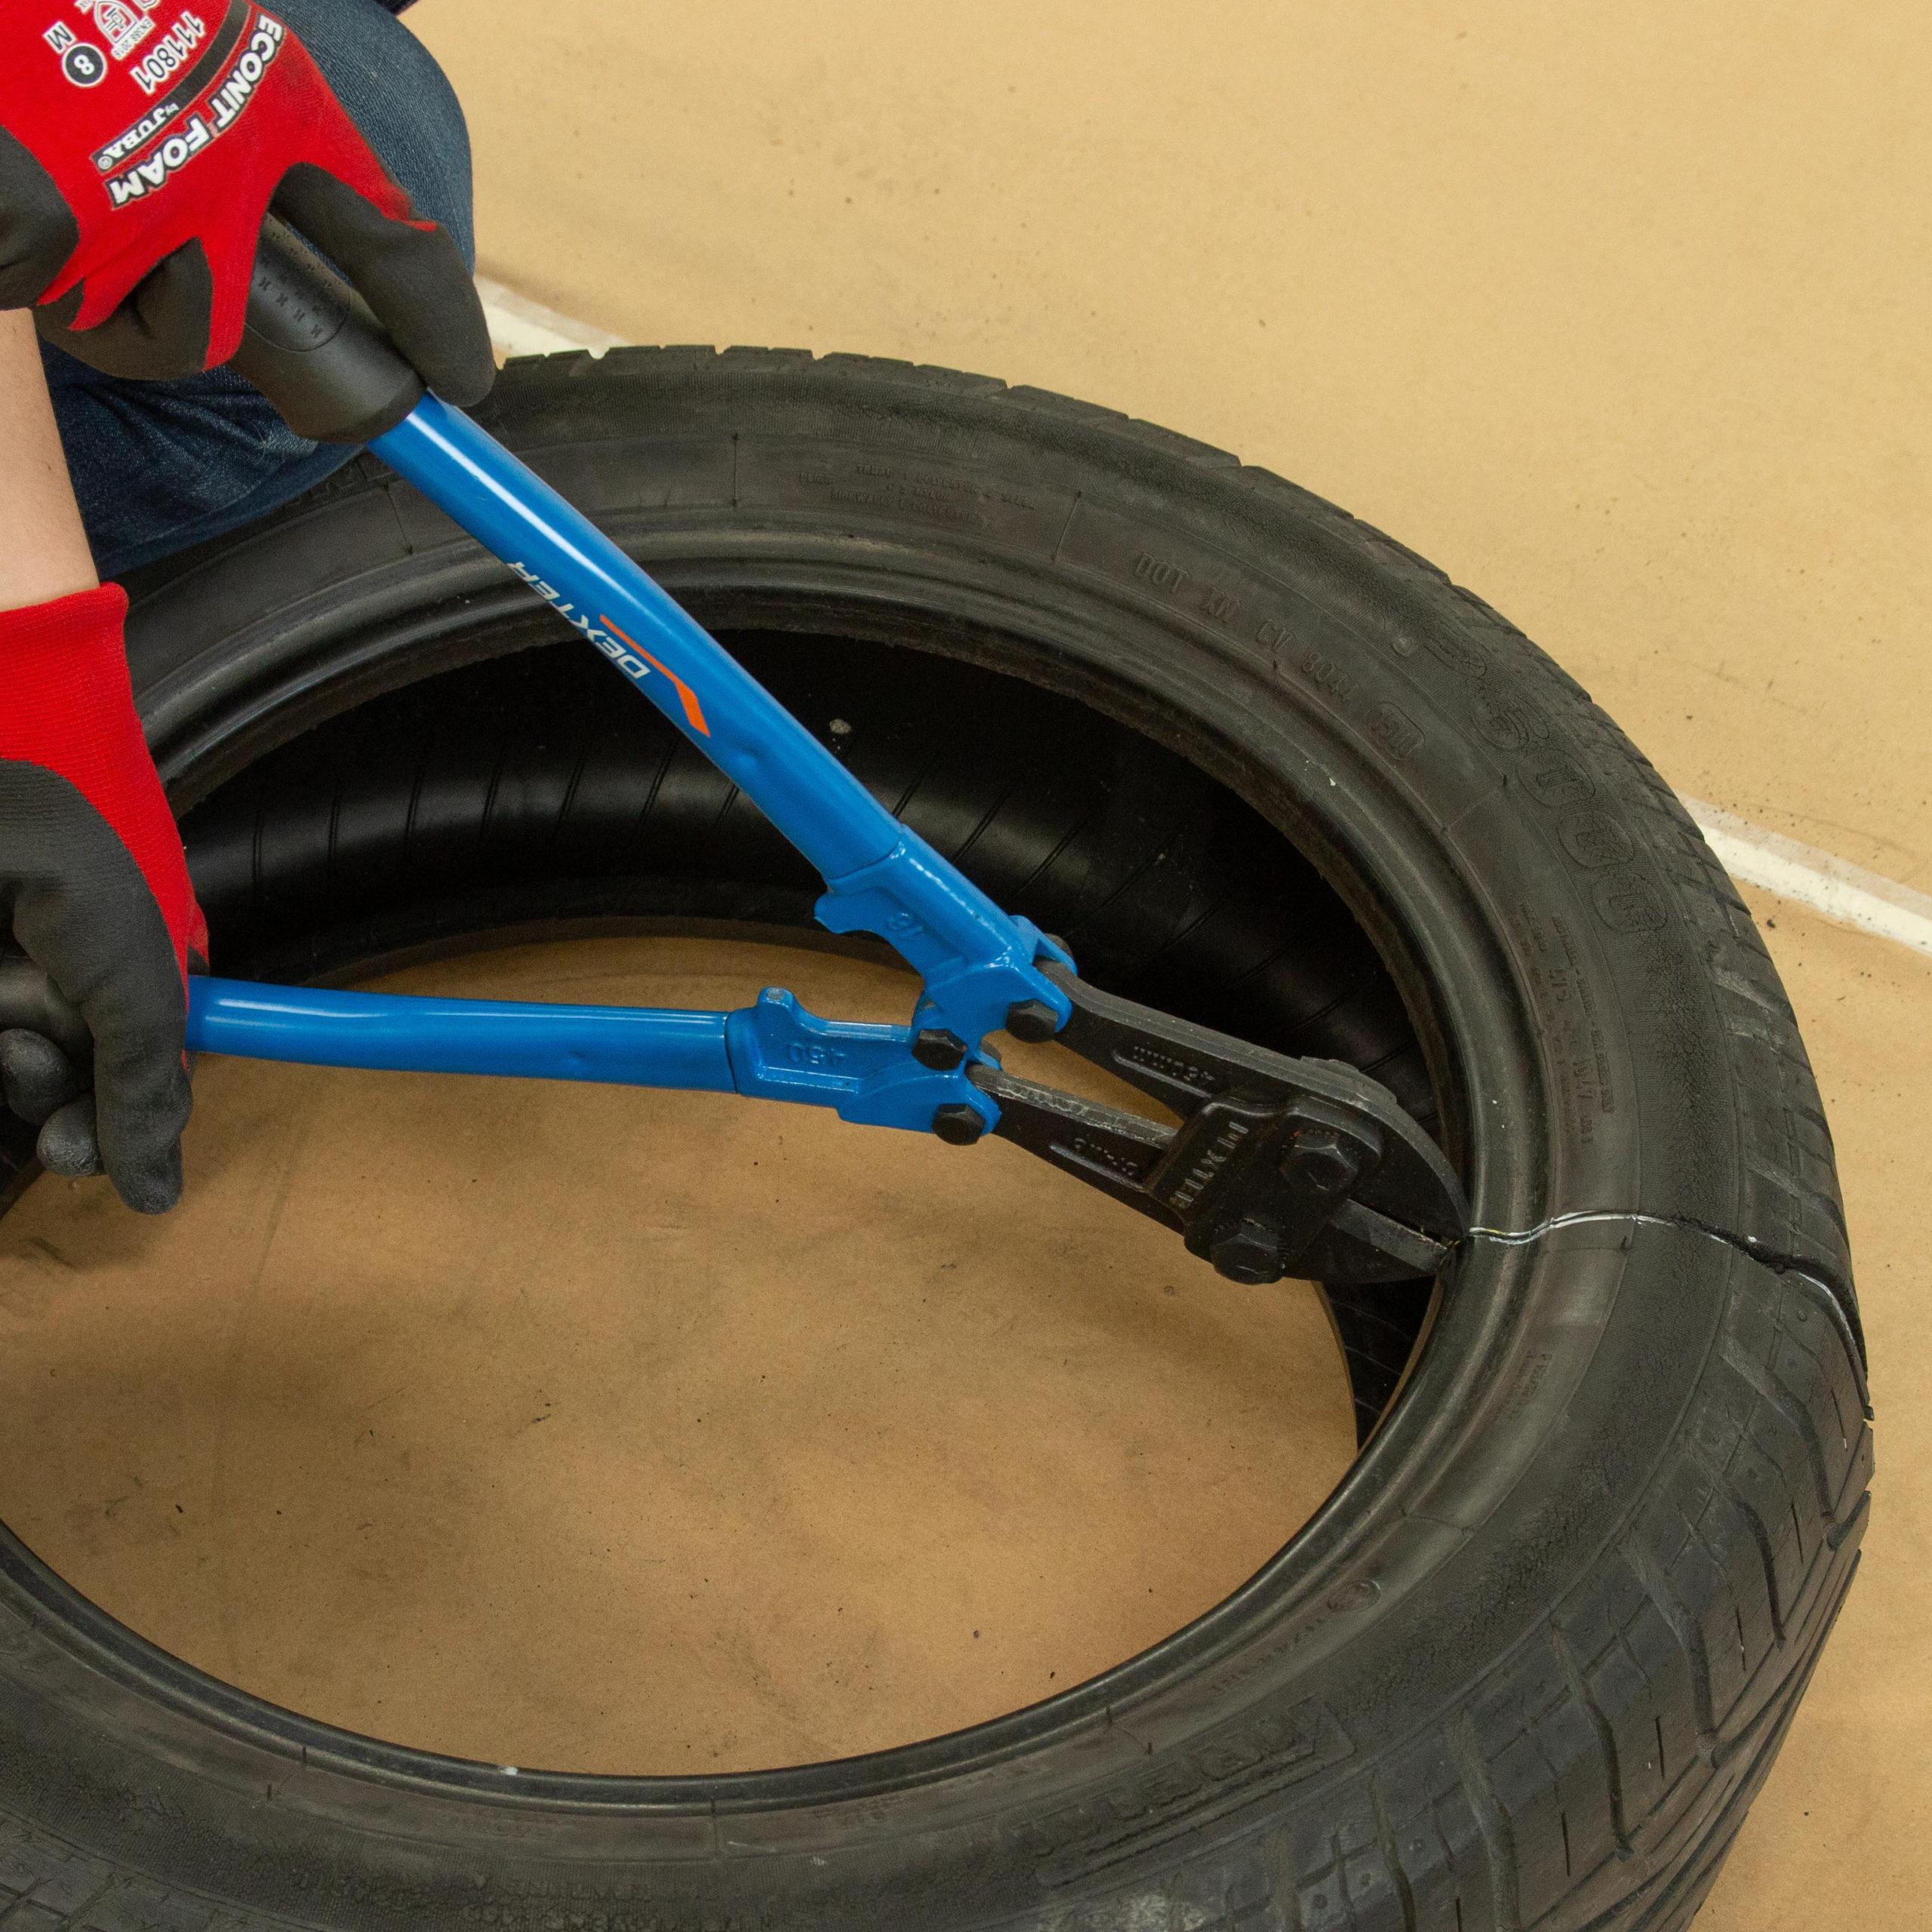 Cómo cortar neumáticos